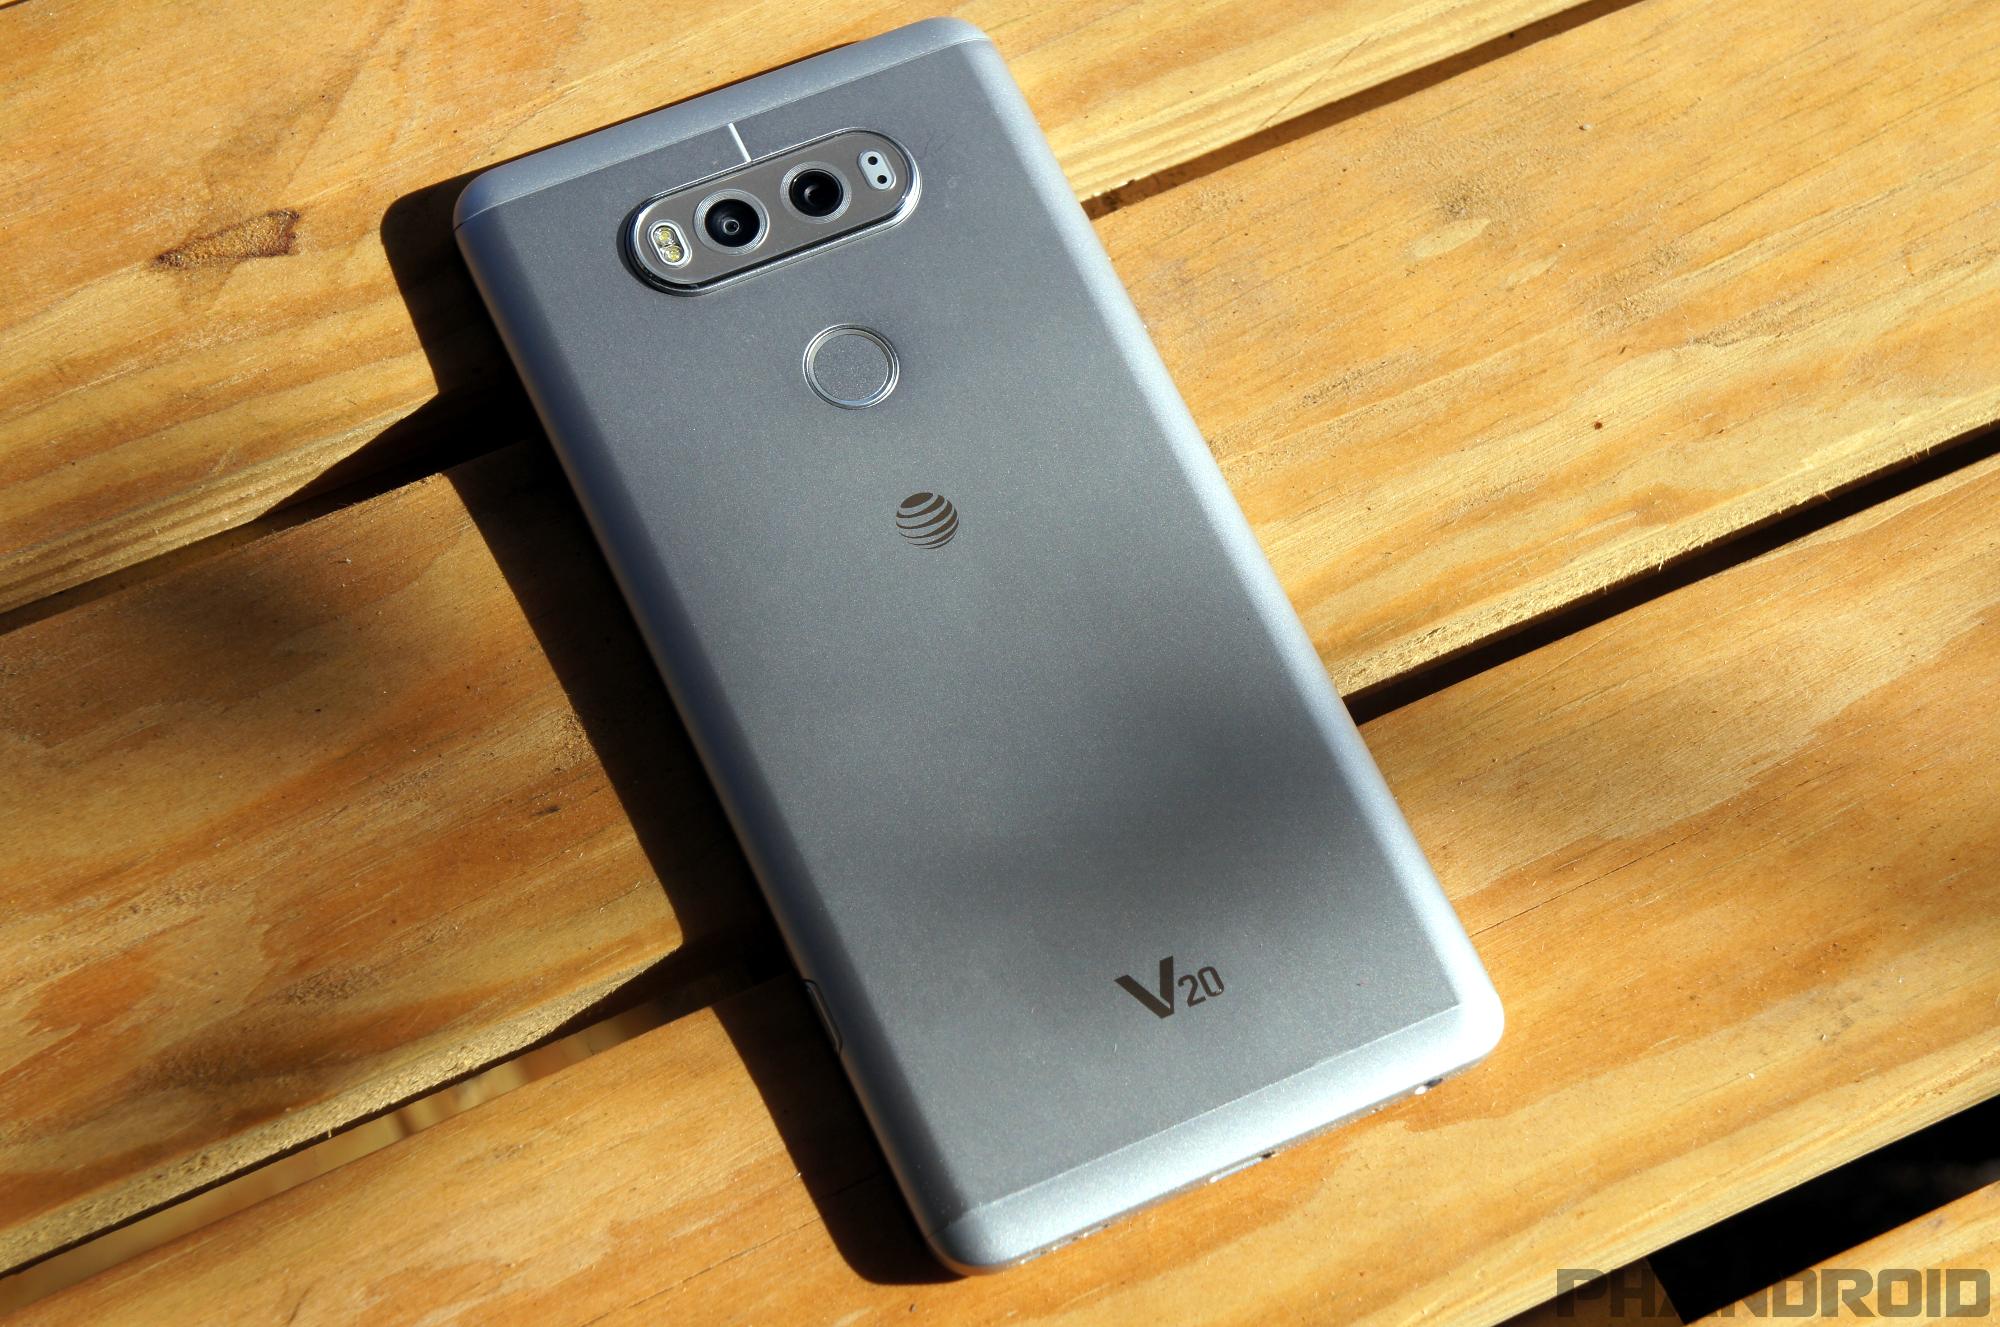 LG-V20-review-7